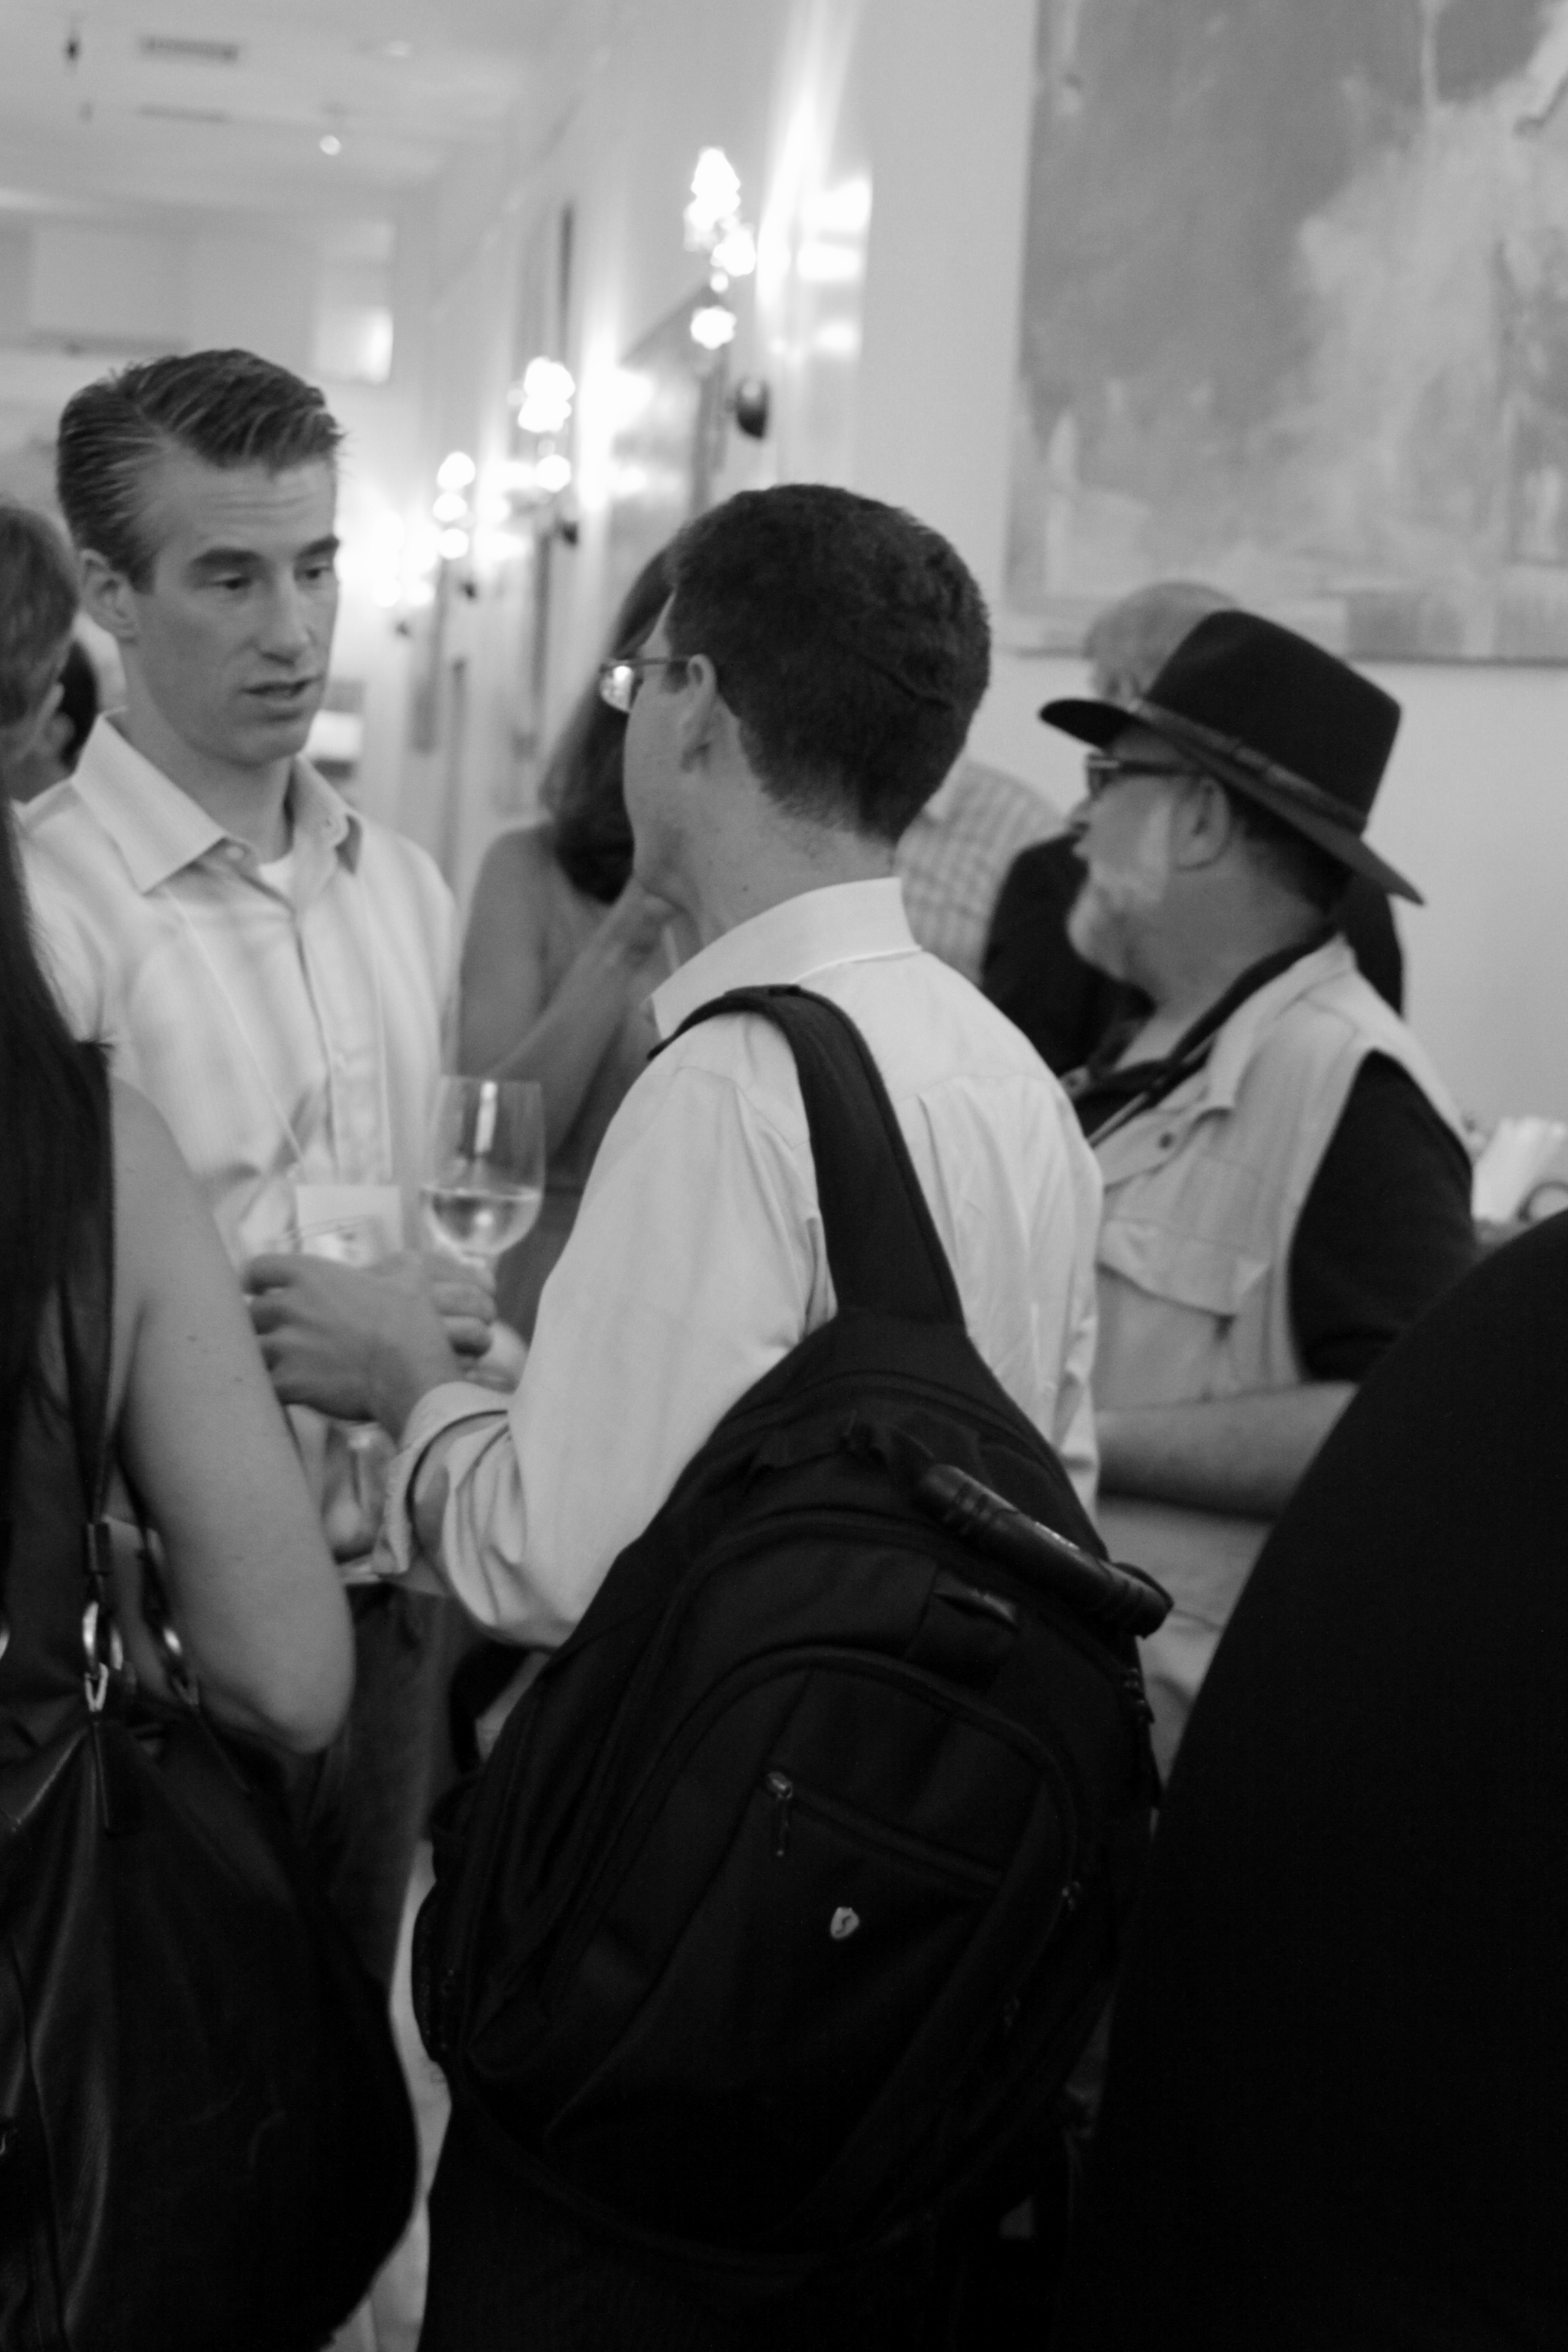 HRExaminer-NYC-9-Jeremy-Shapiro-Gerry-Crispin-Paul-Mladineo